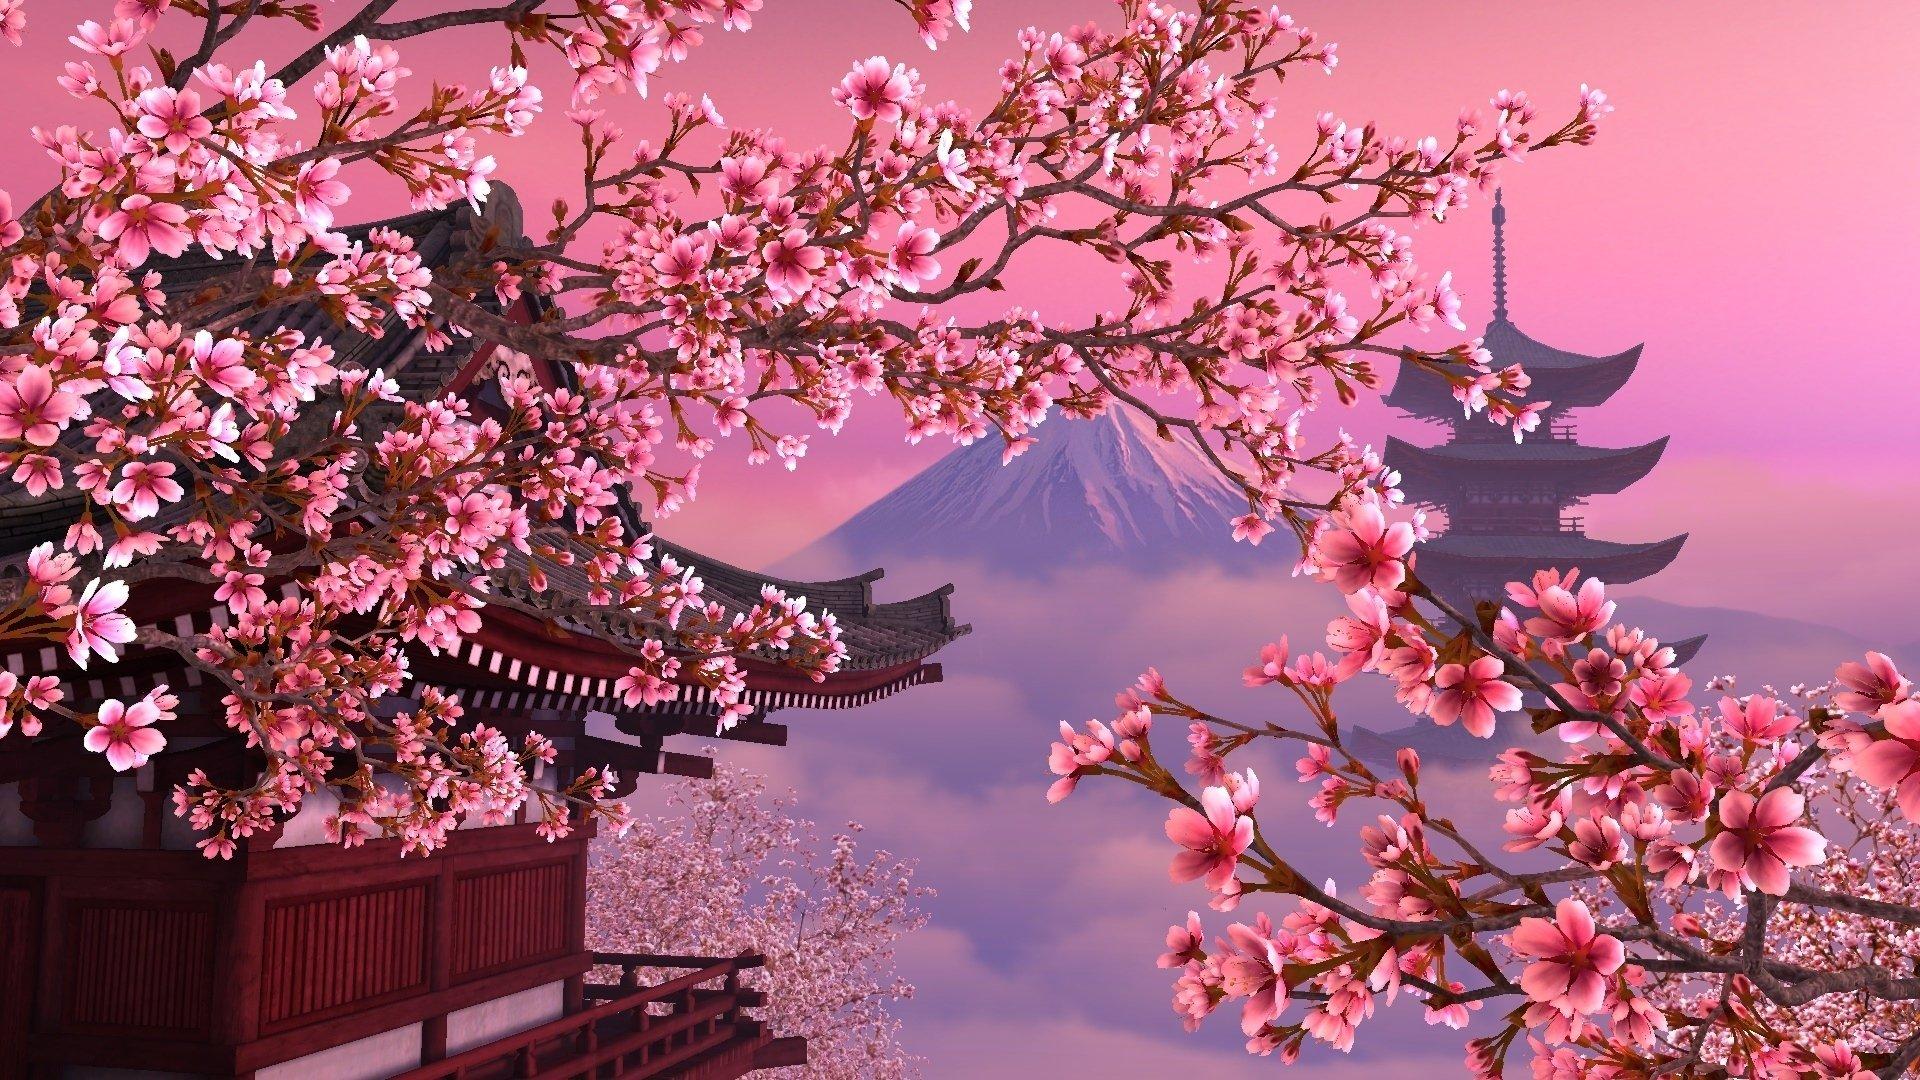 конго япония картинки фон завершения работы